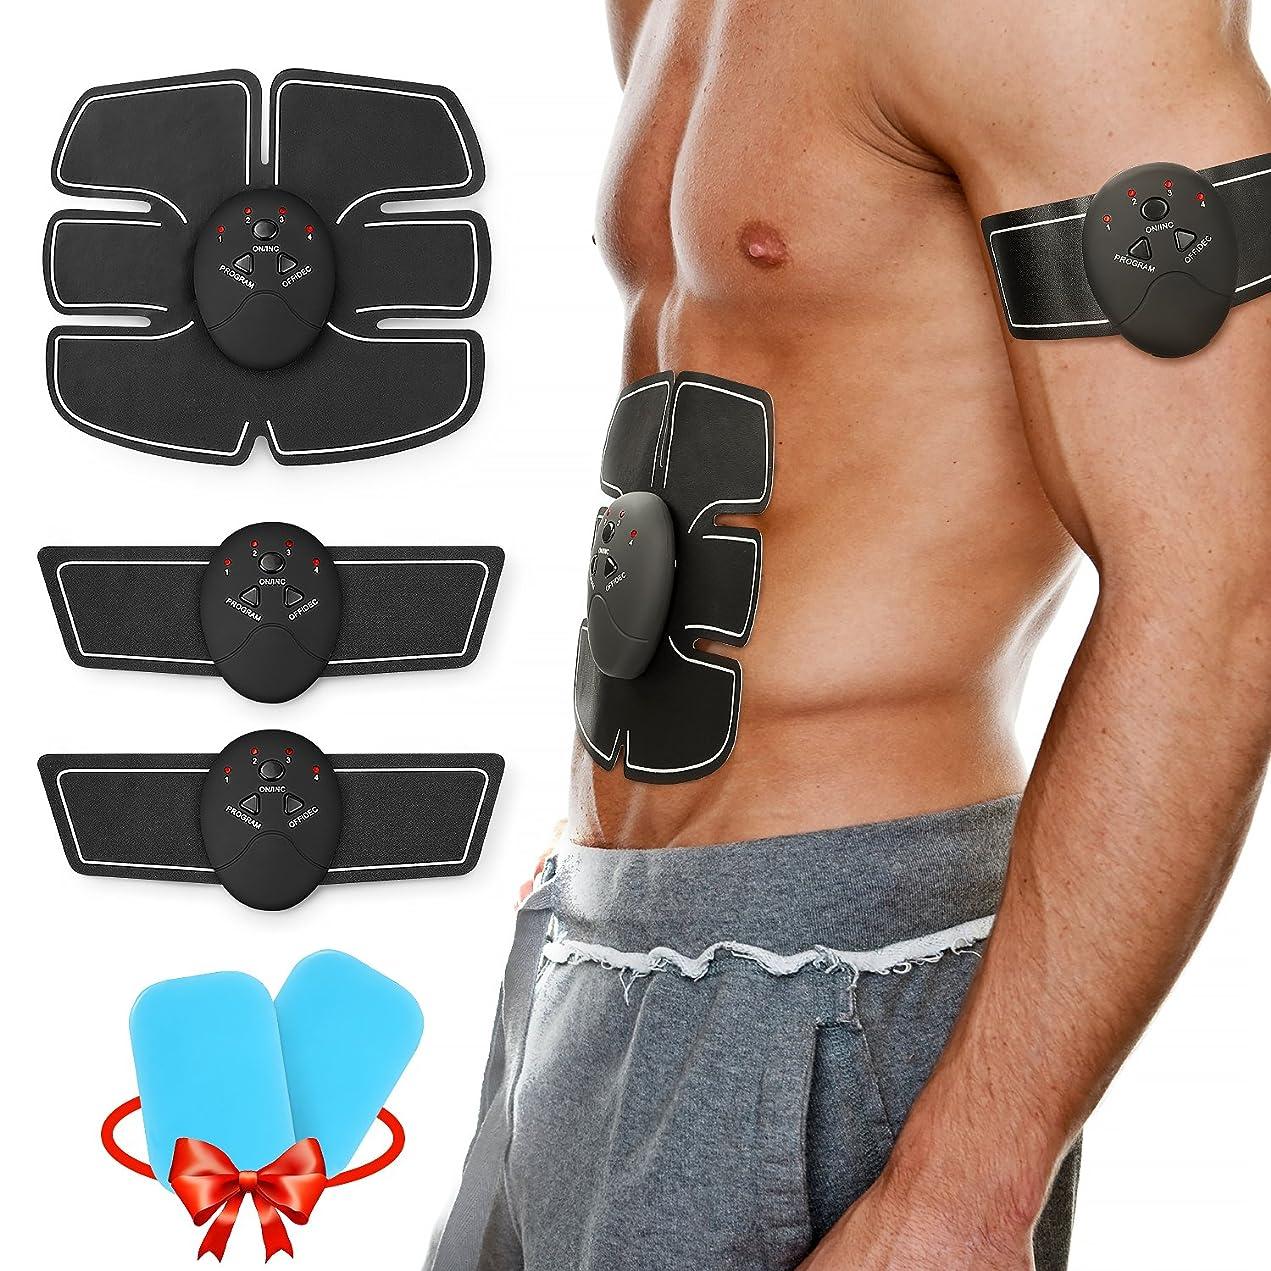 合理的またね地平線Lenbest 腹筋ベルトEMS 多機能 腹筋トレーニング 筋トレフィットネスマシーン 筋肉 お腹 腕部 ダイエット器具 超薄、静音 6つモード 10段階強度 男女兼用 日本語説明書付き